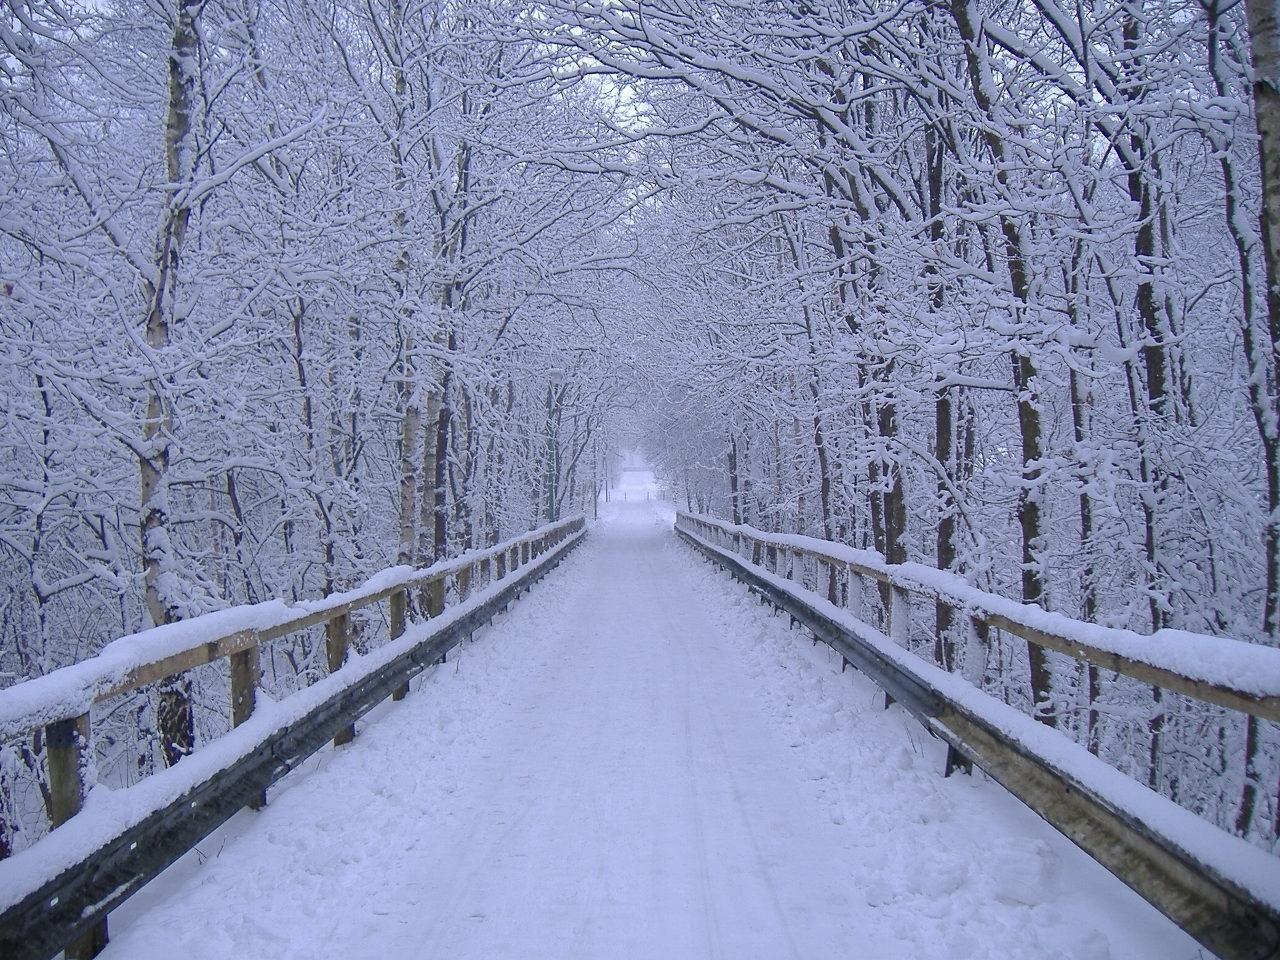 Winter Landscape Design Photos Winter Pictures Winter Landscape Winter Scenery